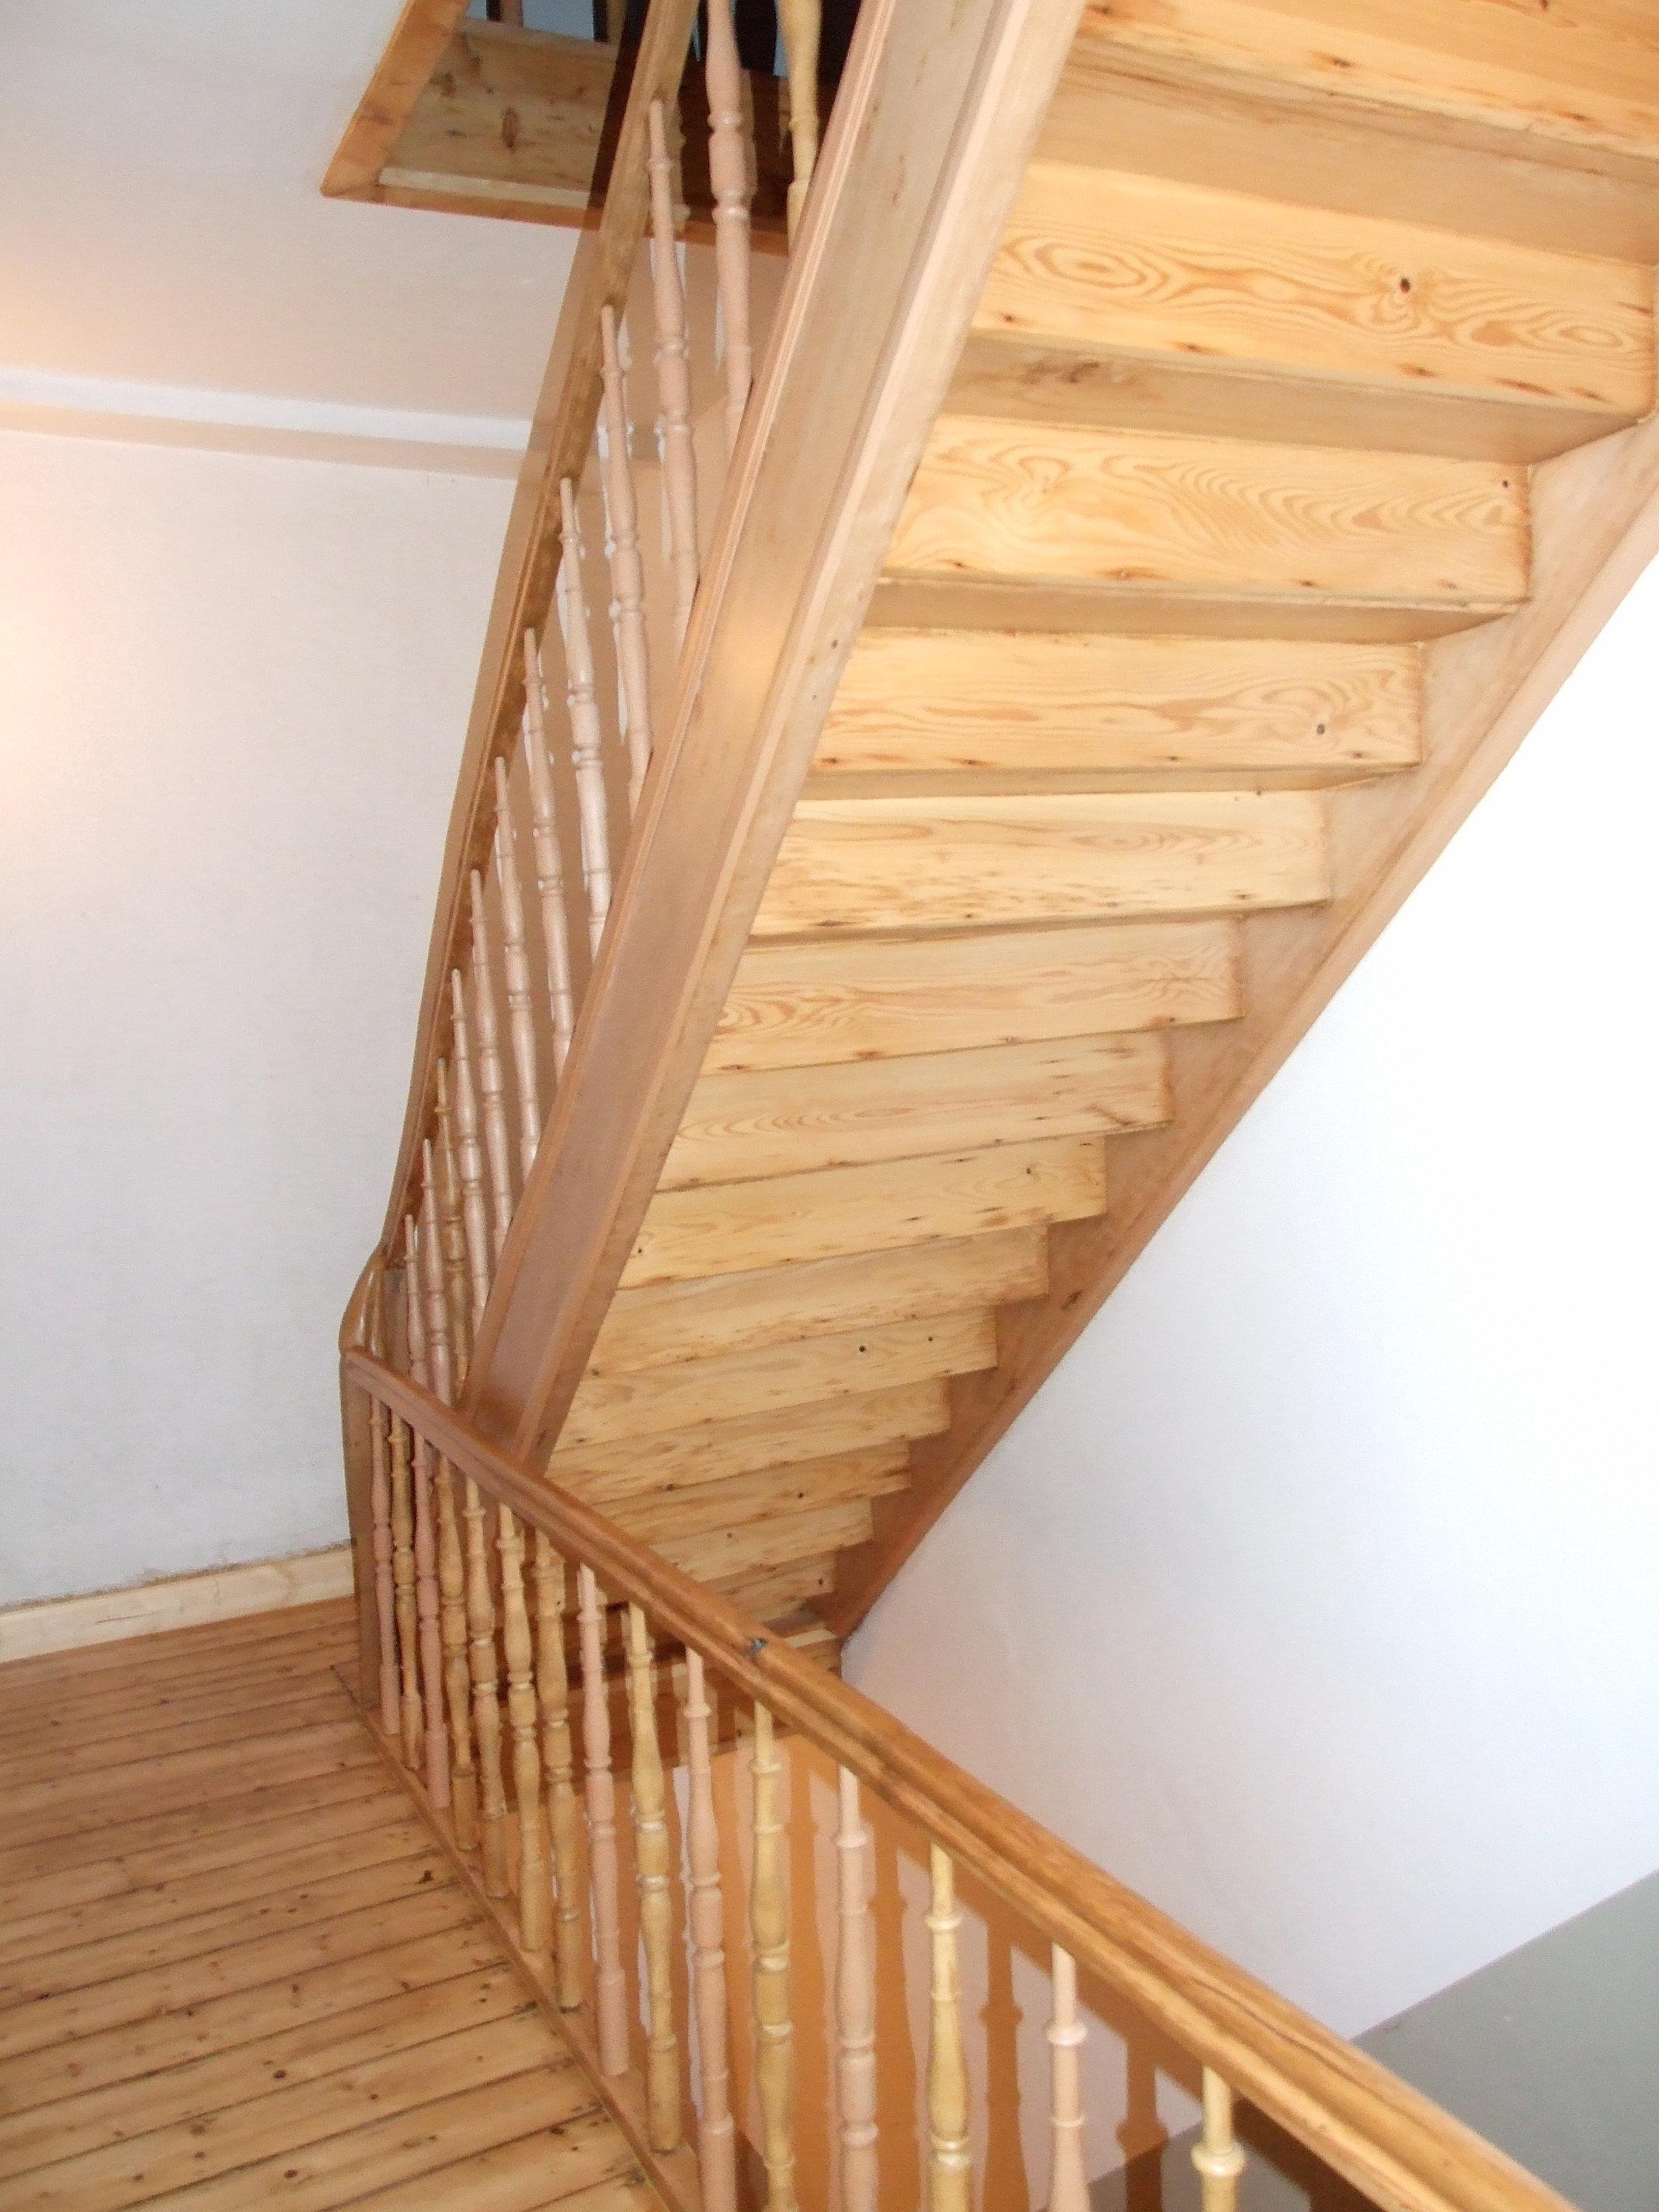 restaurierung von holztreppen treppensanierung k ln d sseldorf holztreppe aufarbeiten k ln. Black Bedroom Furniture Sets. Home Design Ideas